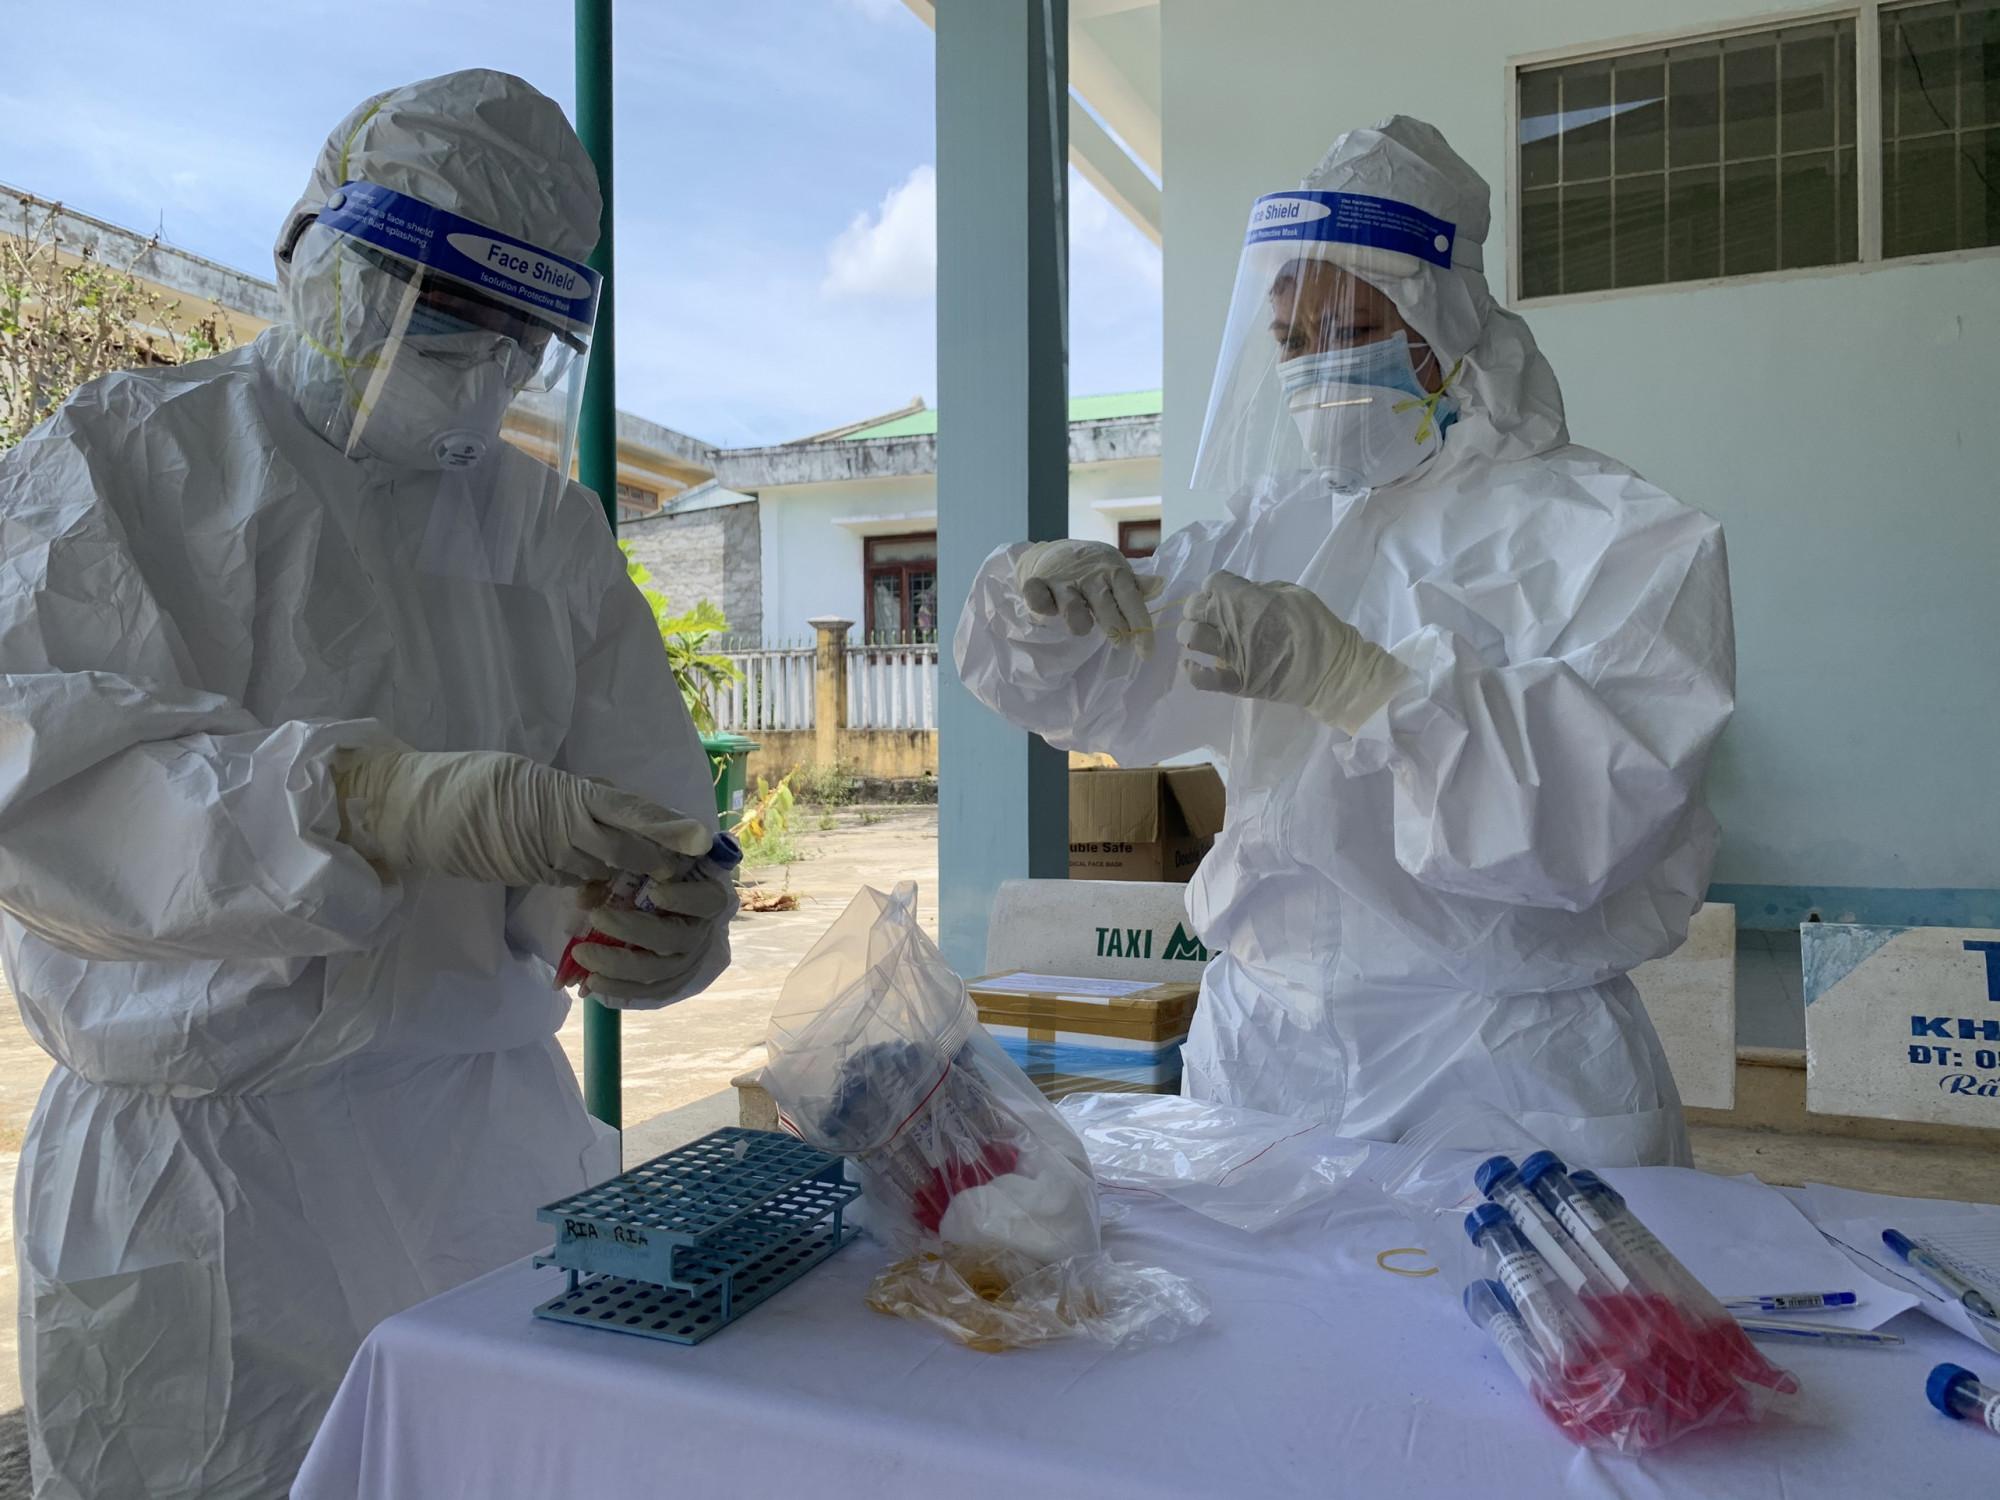 Tỉnh Quảng Ngãi bác bỏ tin đồn xuất hiện ca nhiễm COVID - 19 mới